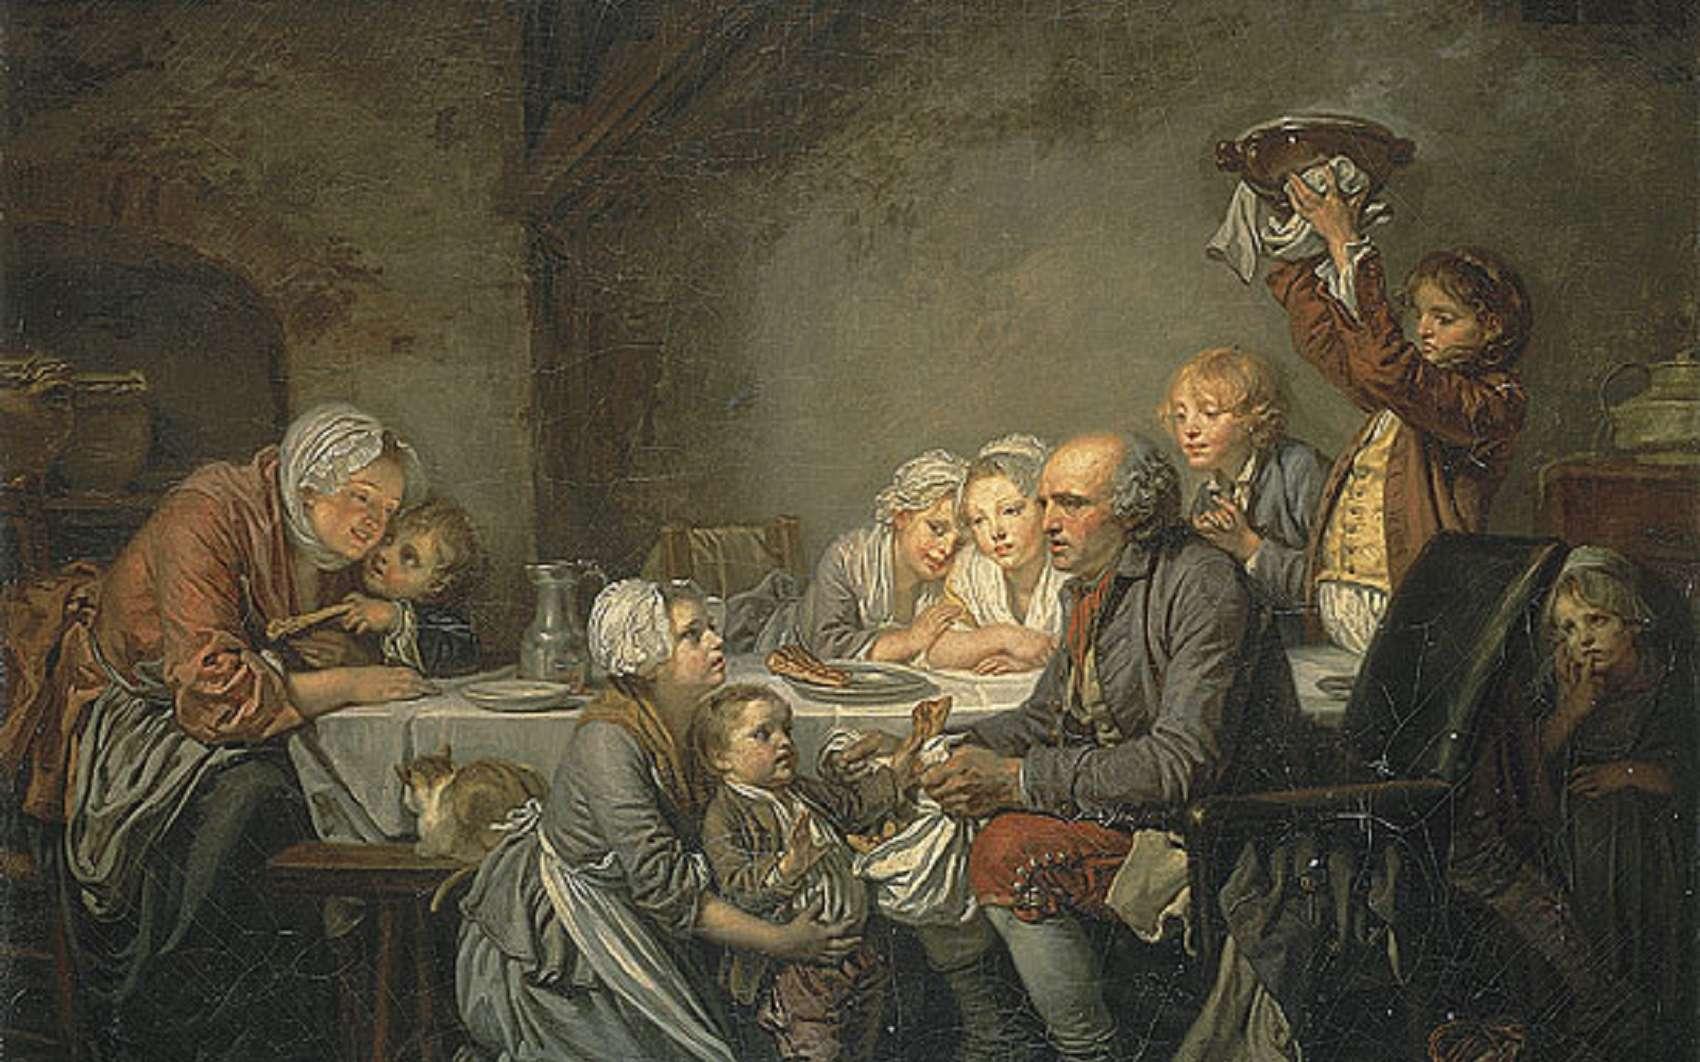 Tableau de Jean-Baptiste Greuze peint en 1774 : Le gâteau des rois. Représentation d'une famille de paysans aisés au XVIIIe siècle. © Musée Fabre, Montpellier.